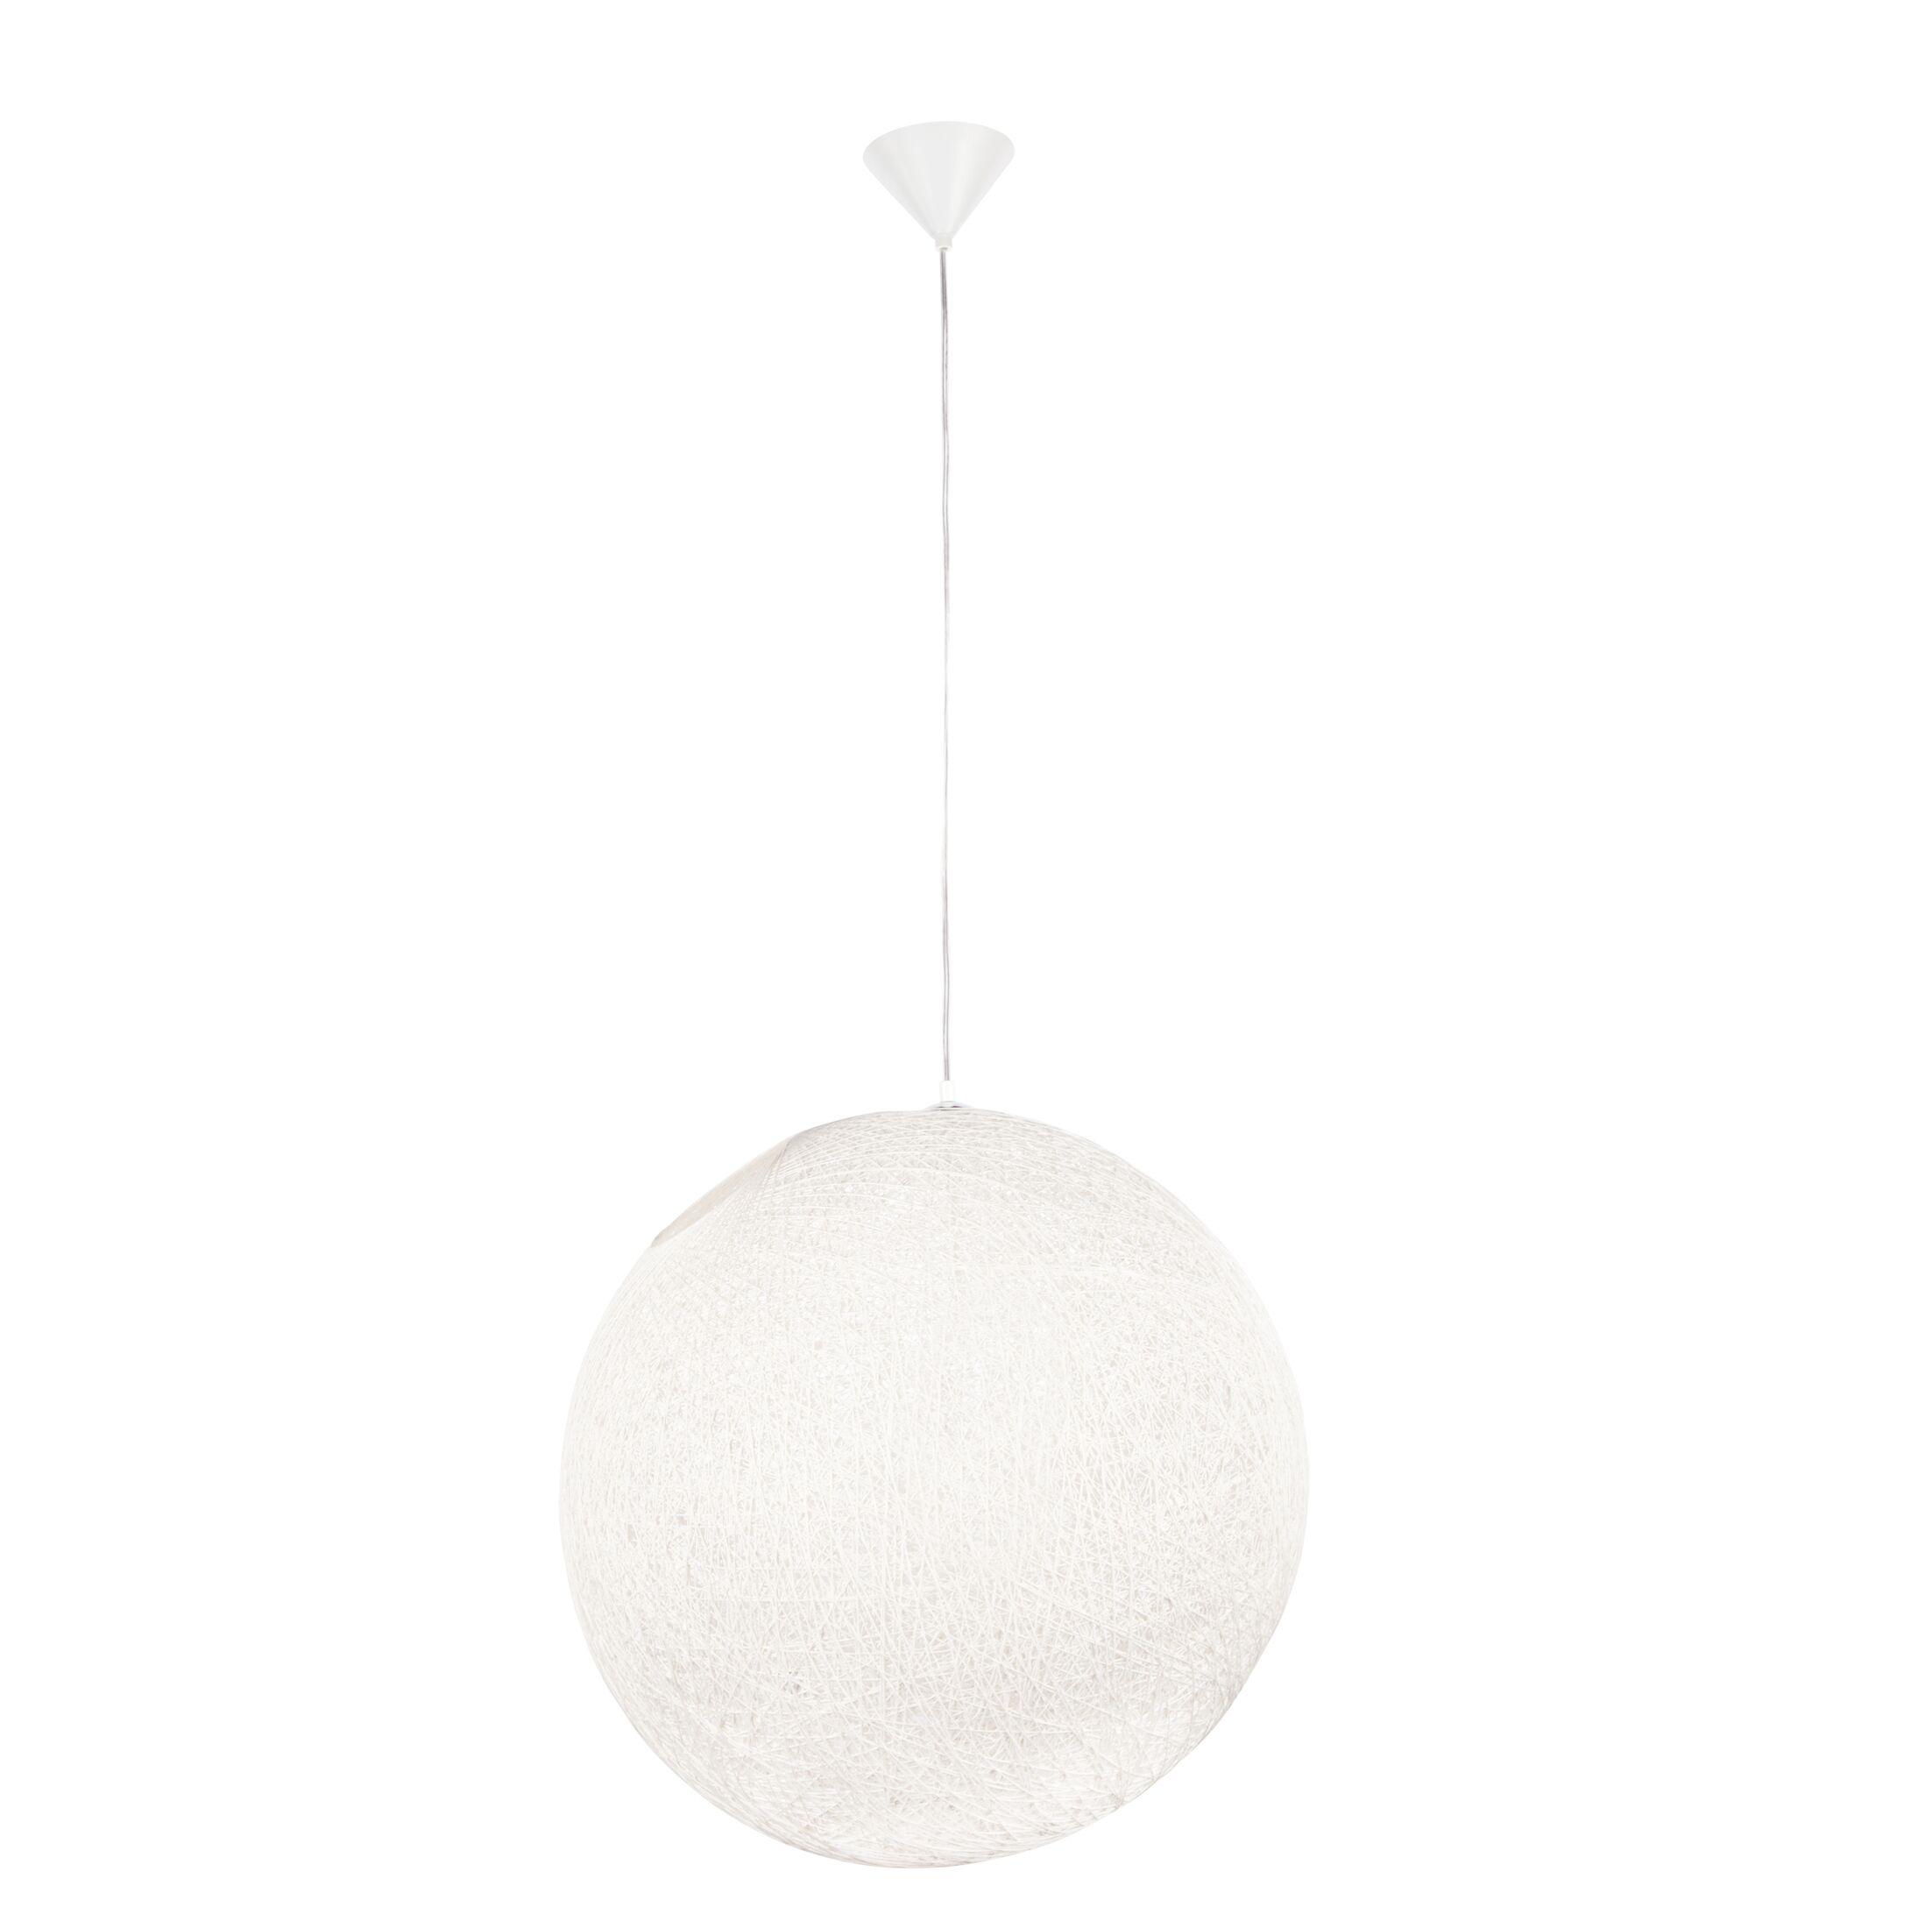 Chaos Globe Pendant Size: 50.5